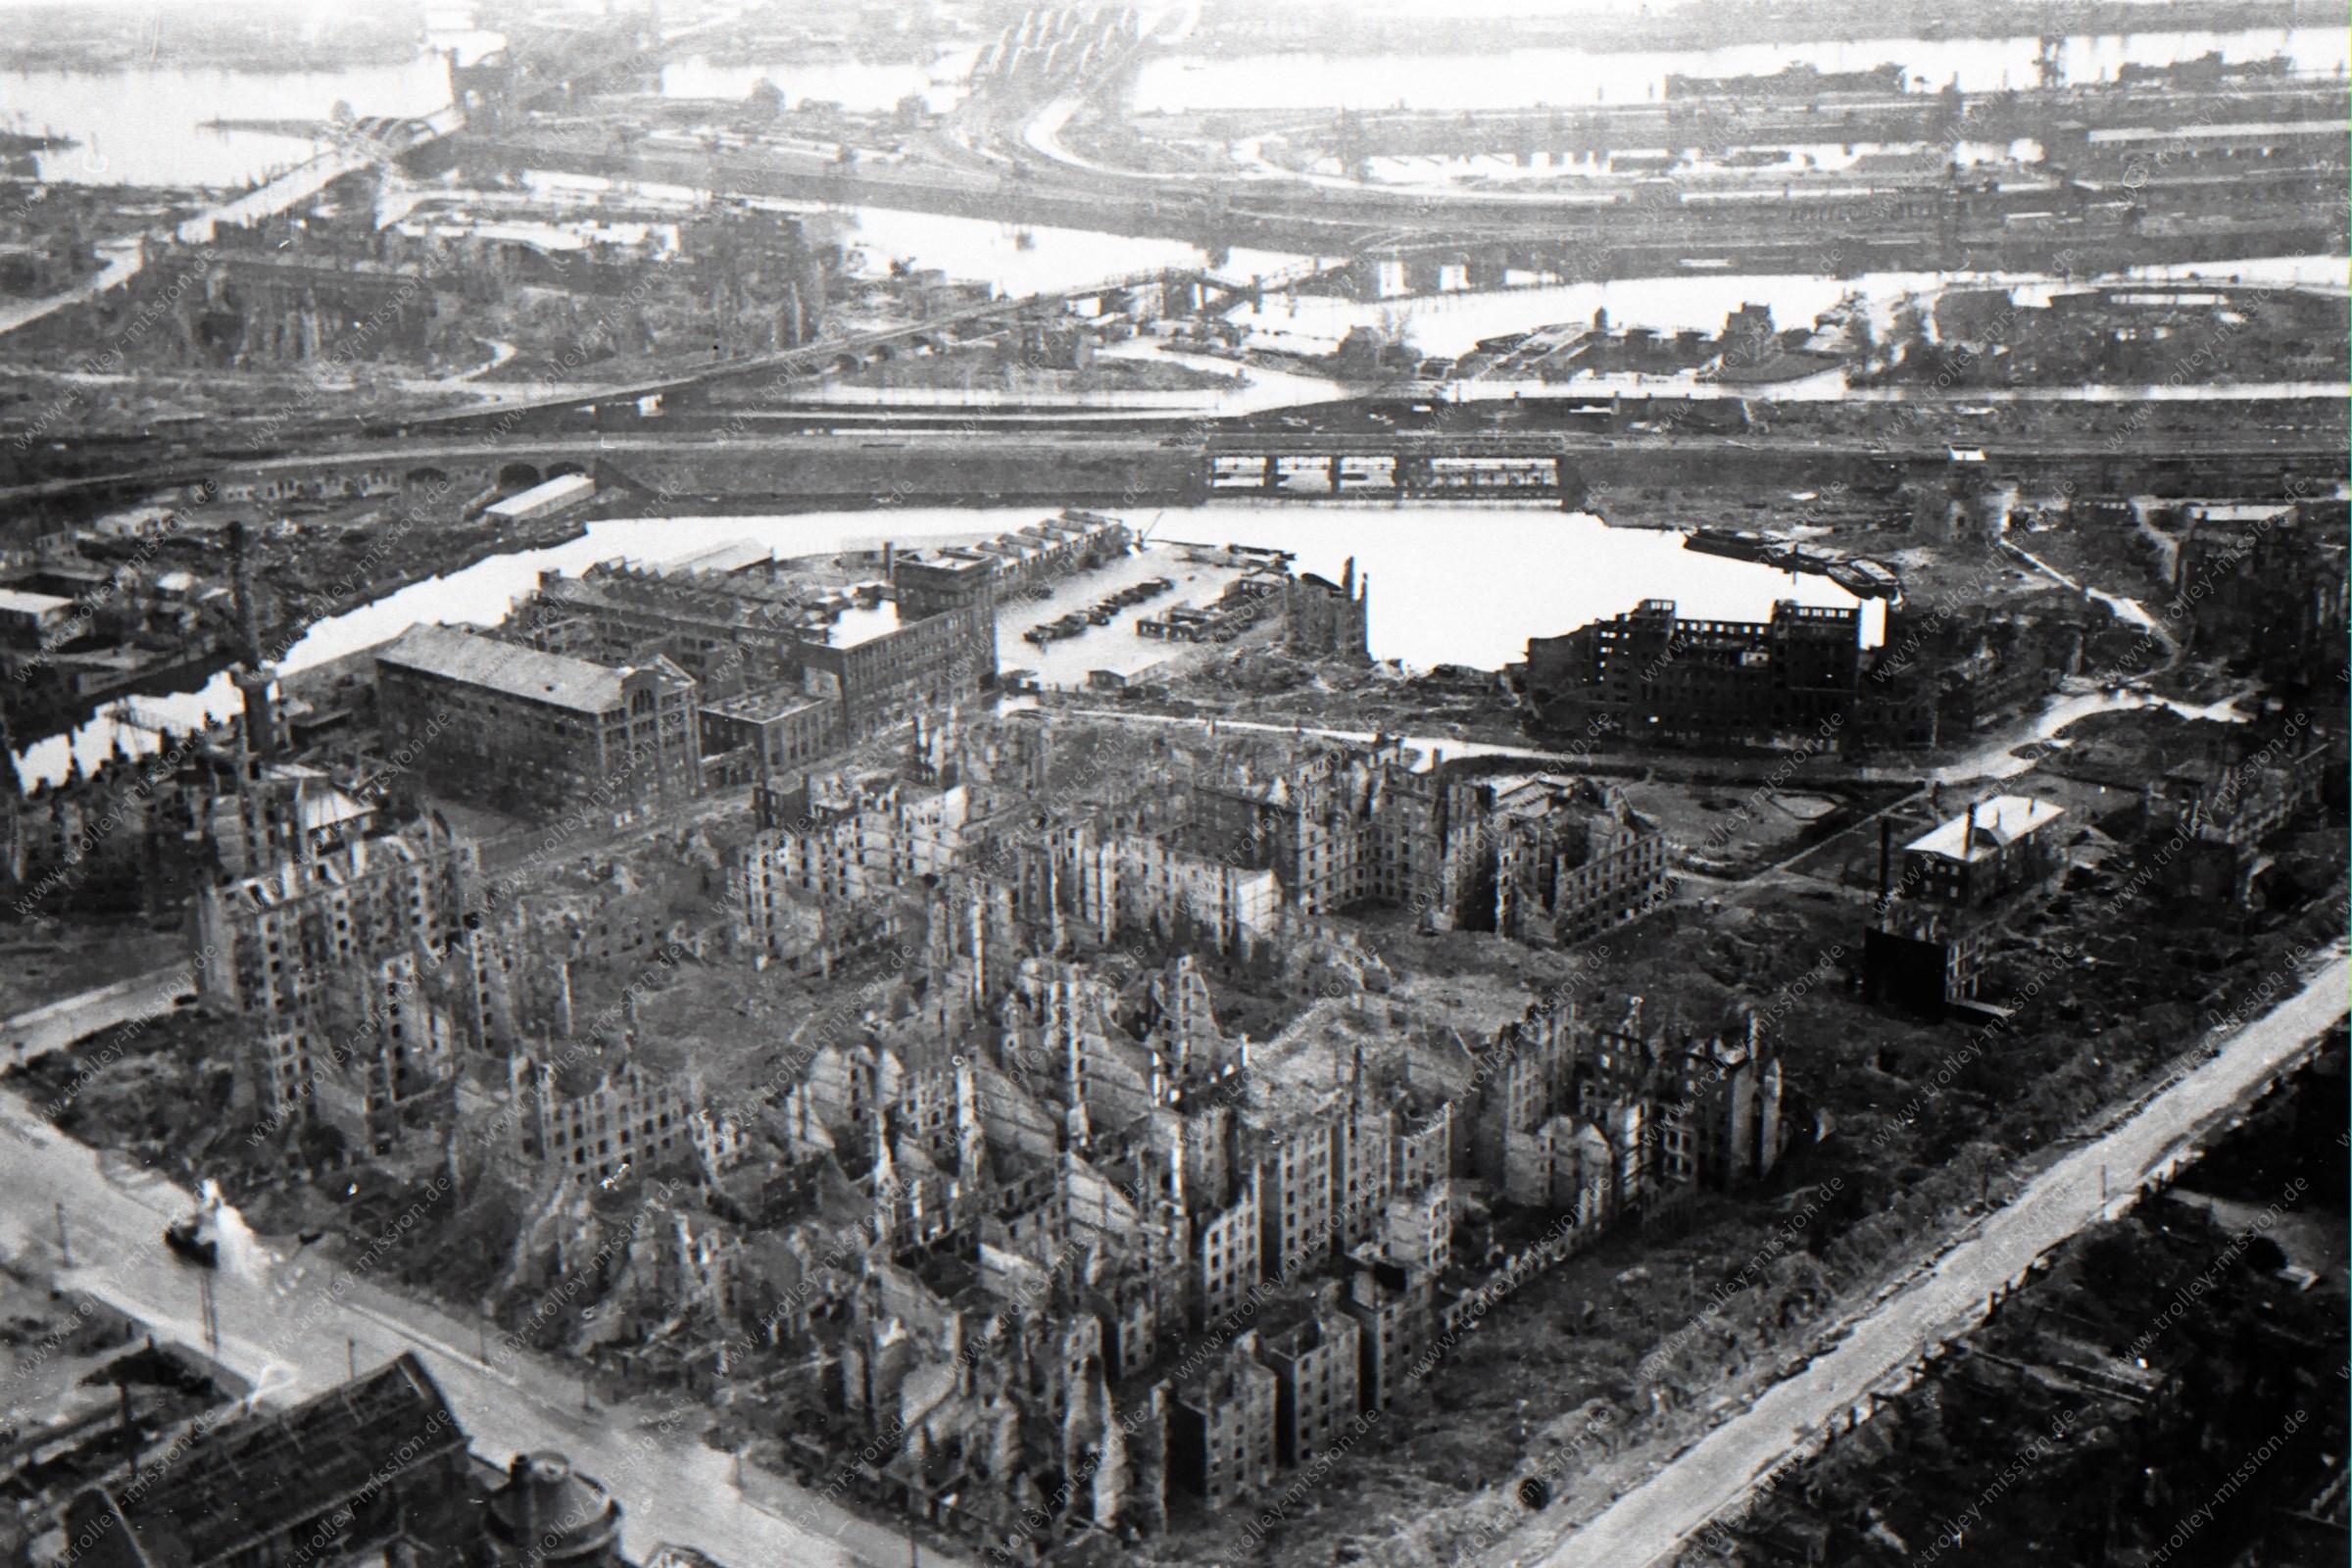 Luftaufnahme von Hamburg-Hammerbrook mit Heidenkampsweg und Süderstraße sowie Billhafen nach dem Zweiten Weltkrieg